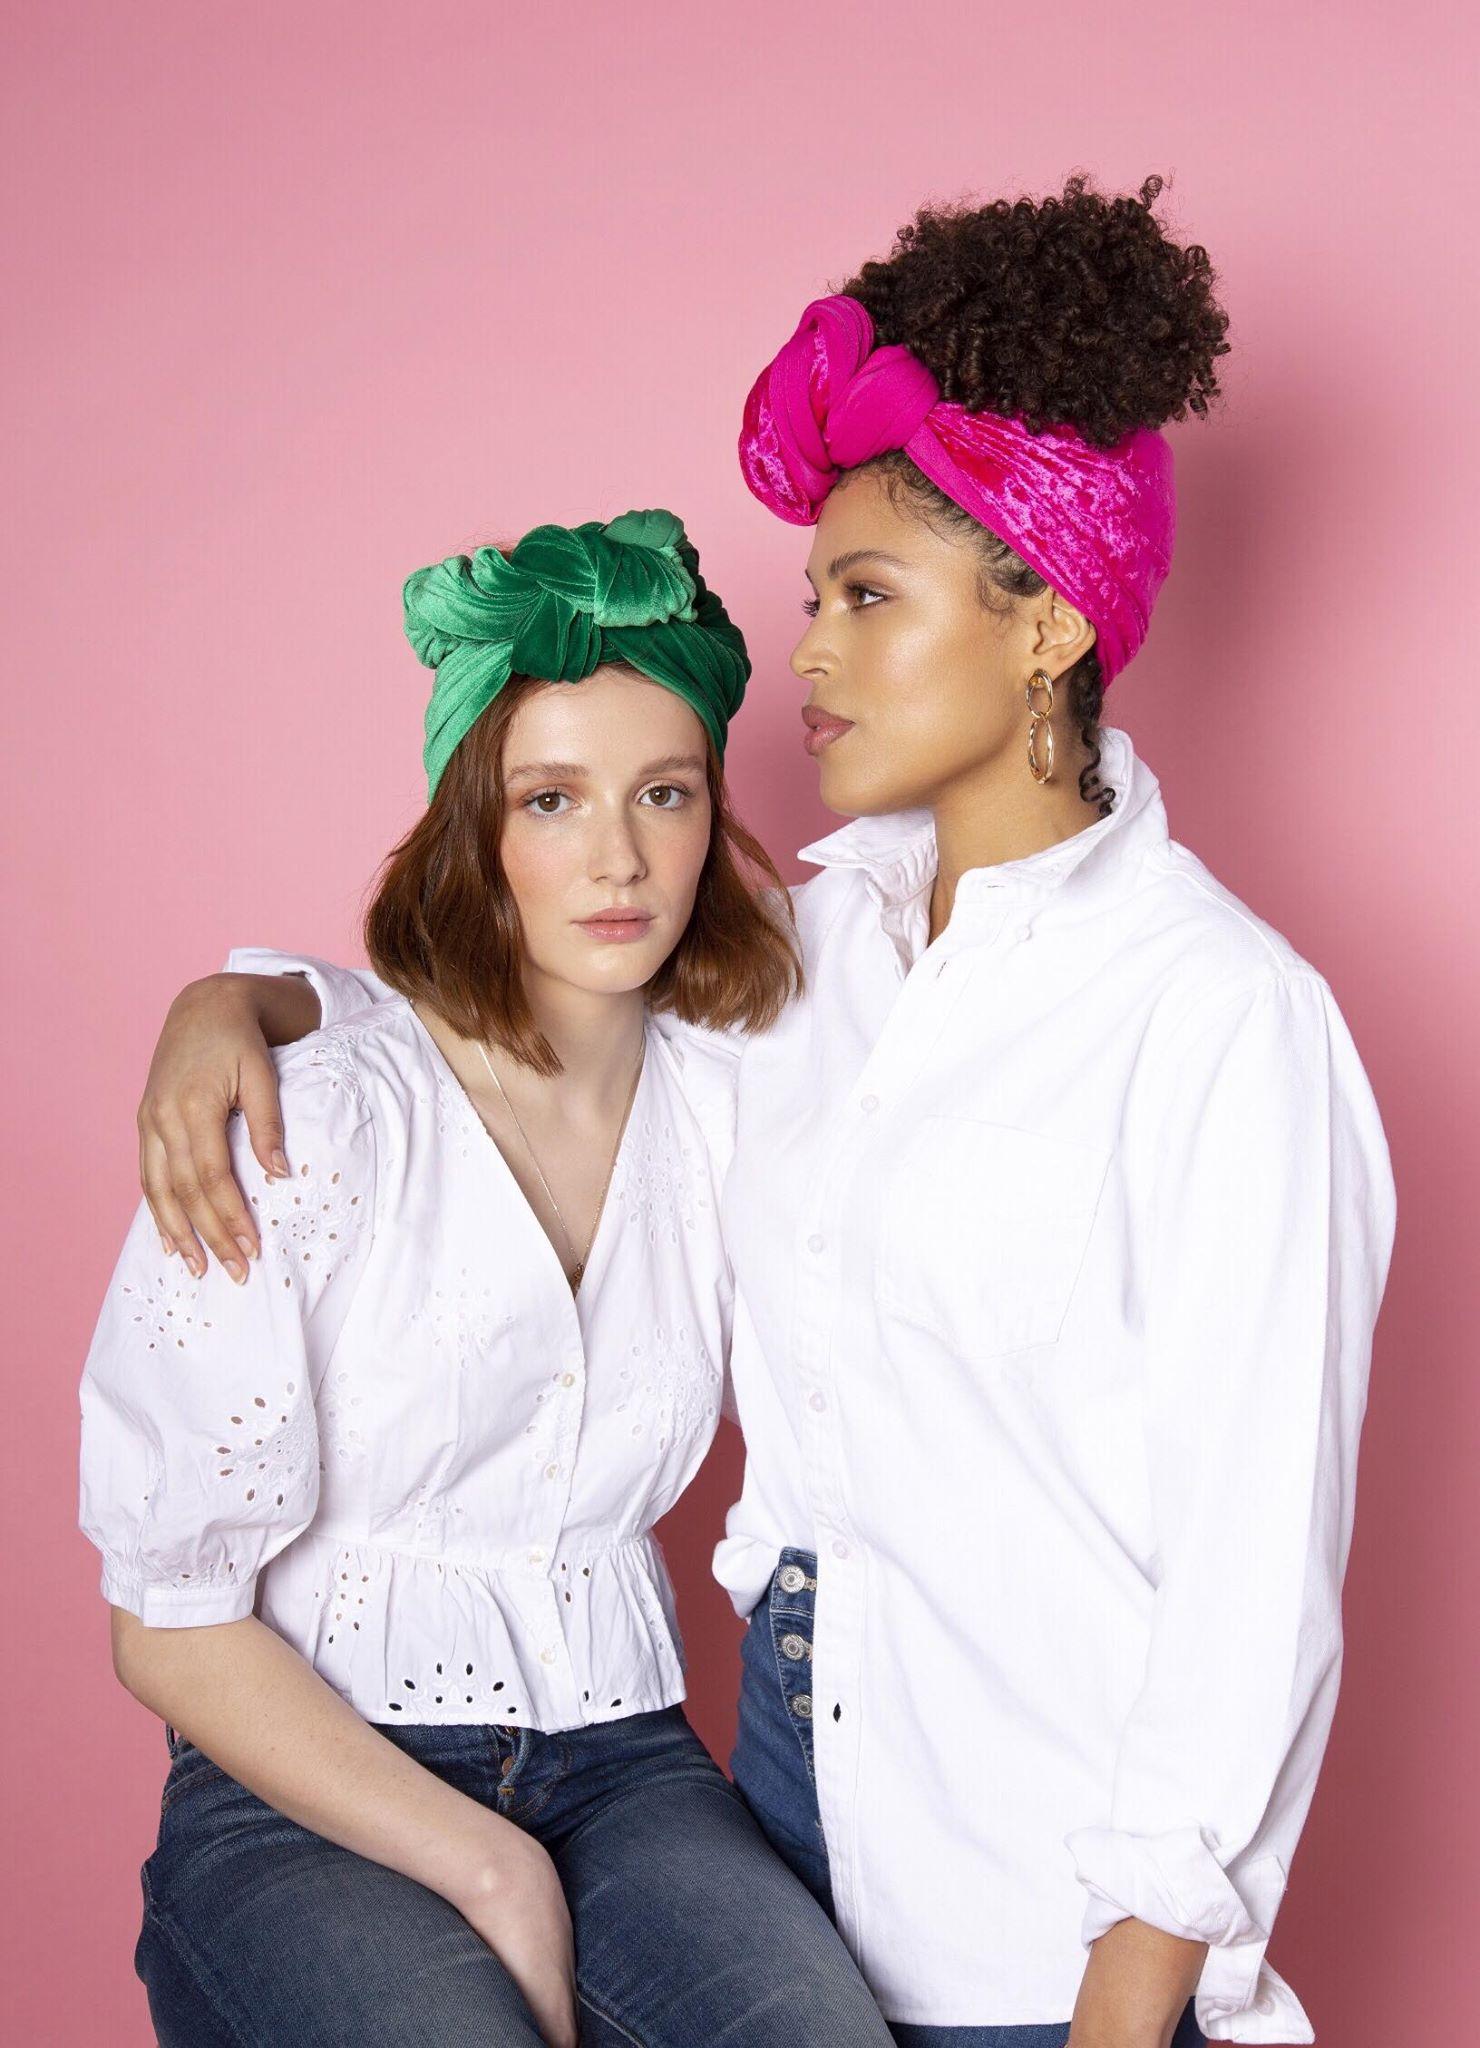 Crédit photo: Sarah Laroche  Modèles: Juliette Gariépy & Cath Darbouze